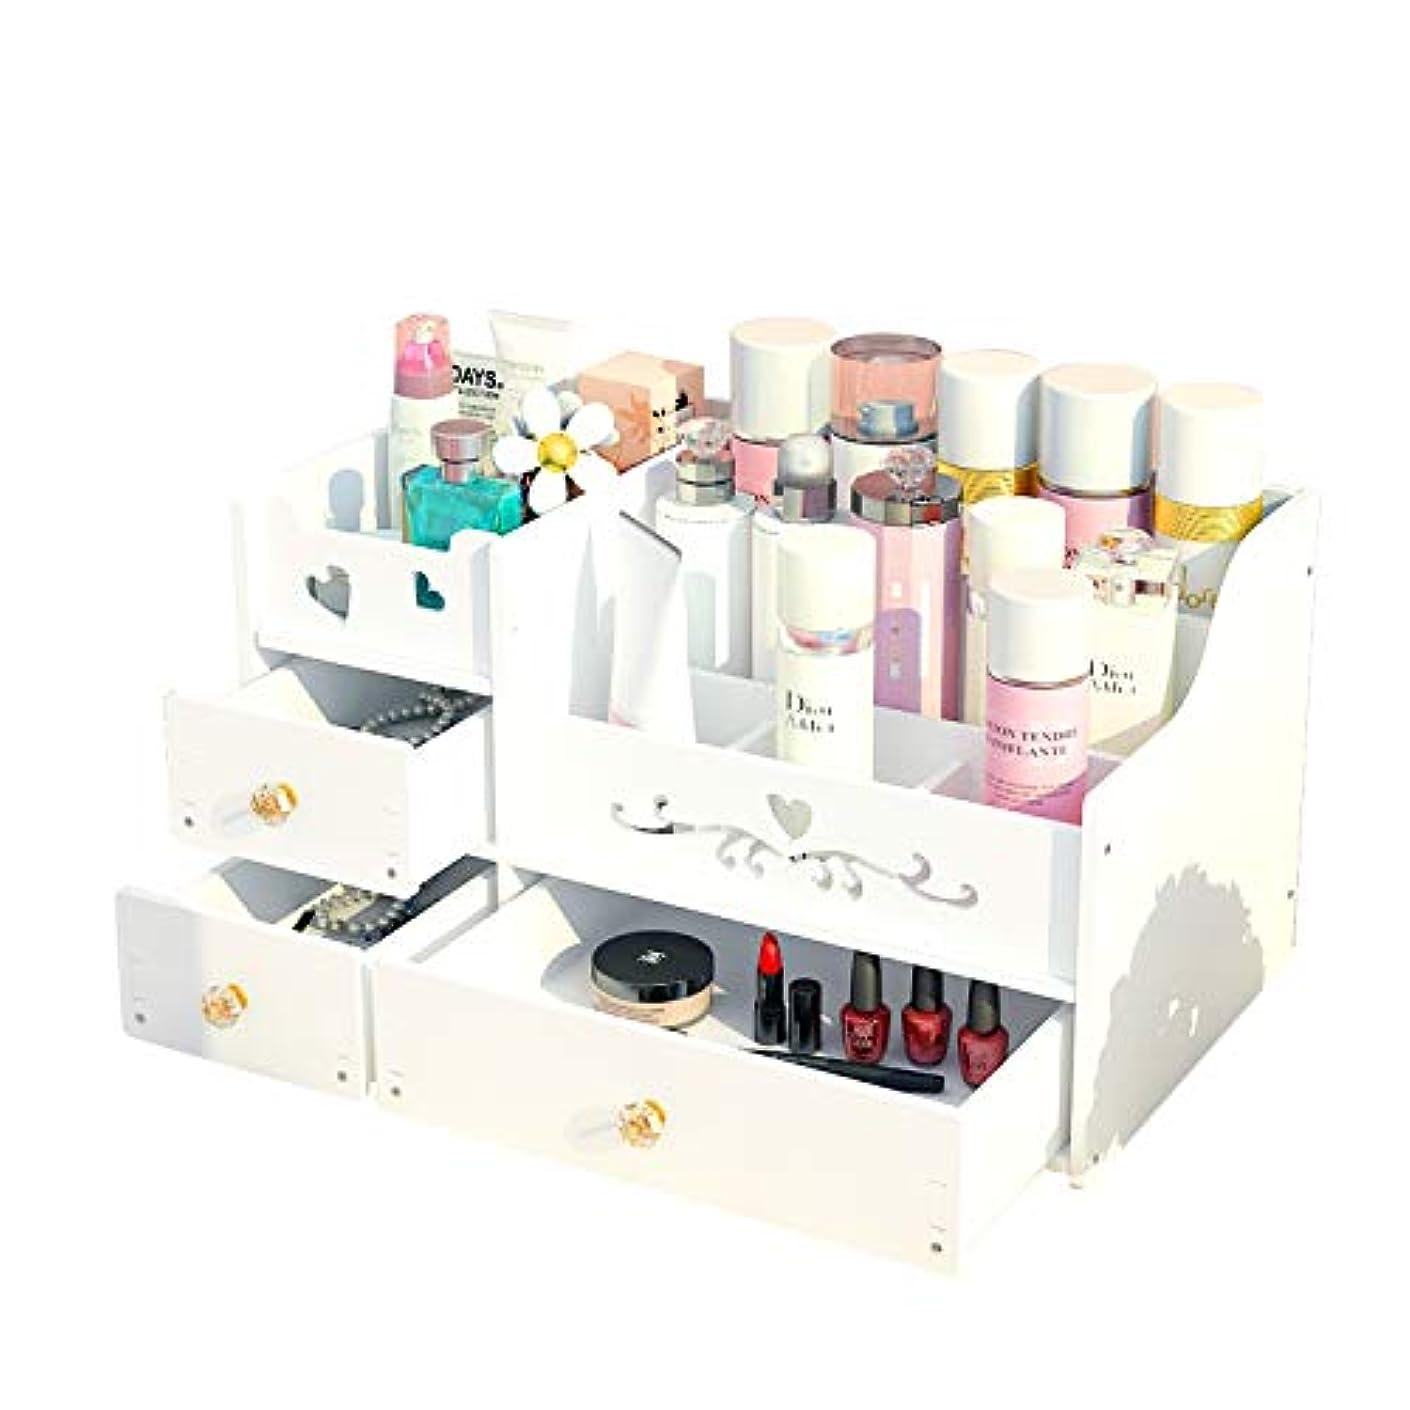 におい優遇請求可能化粧品収納 白 洗面所 ボックス 仕切り 大容量 組み立て メイクボックス コスメボックス 木製 卓上 DIY 整理 小物入れ 収納引き出し 化粧品収納ボックス コスメ収納ボックス